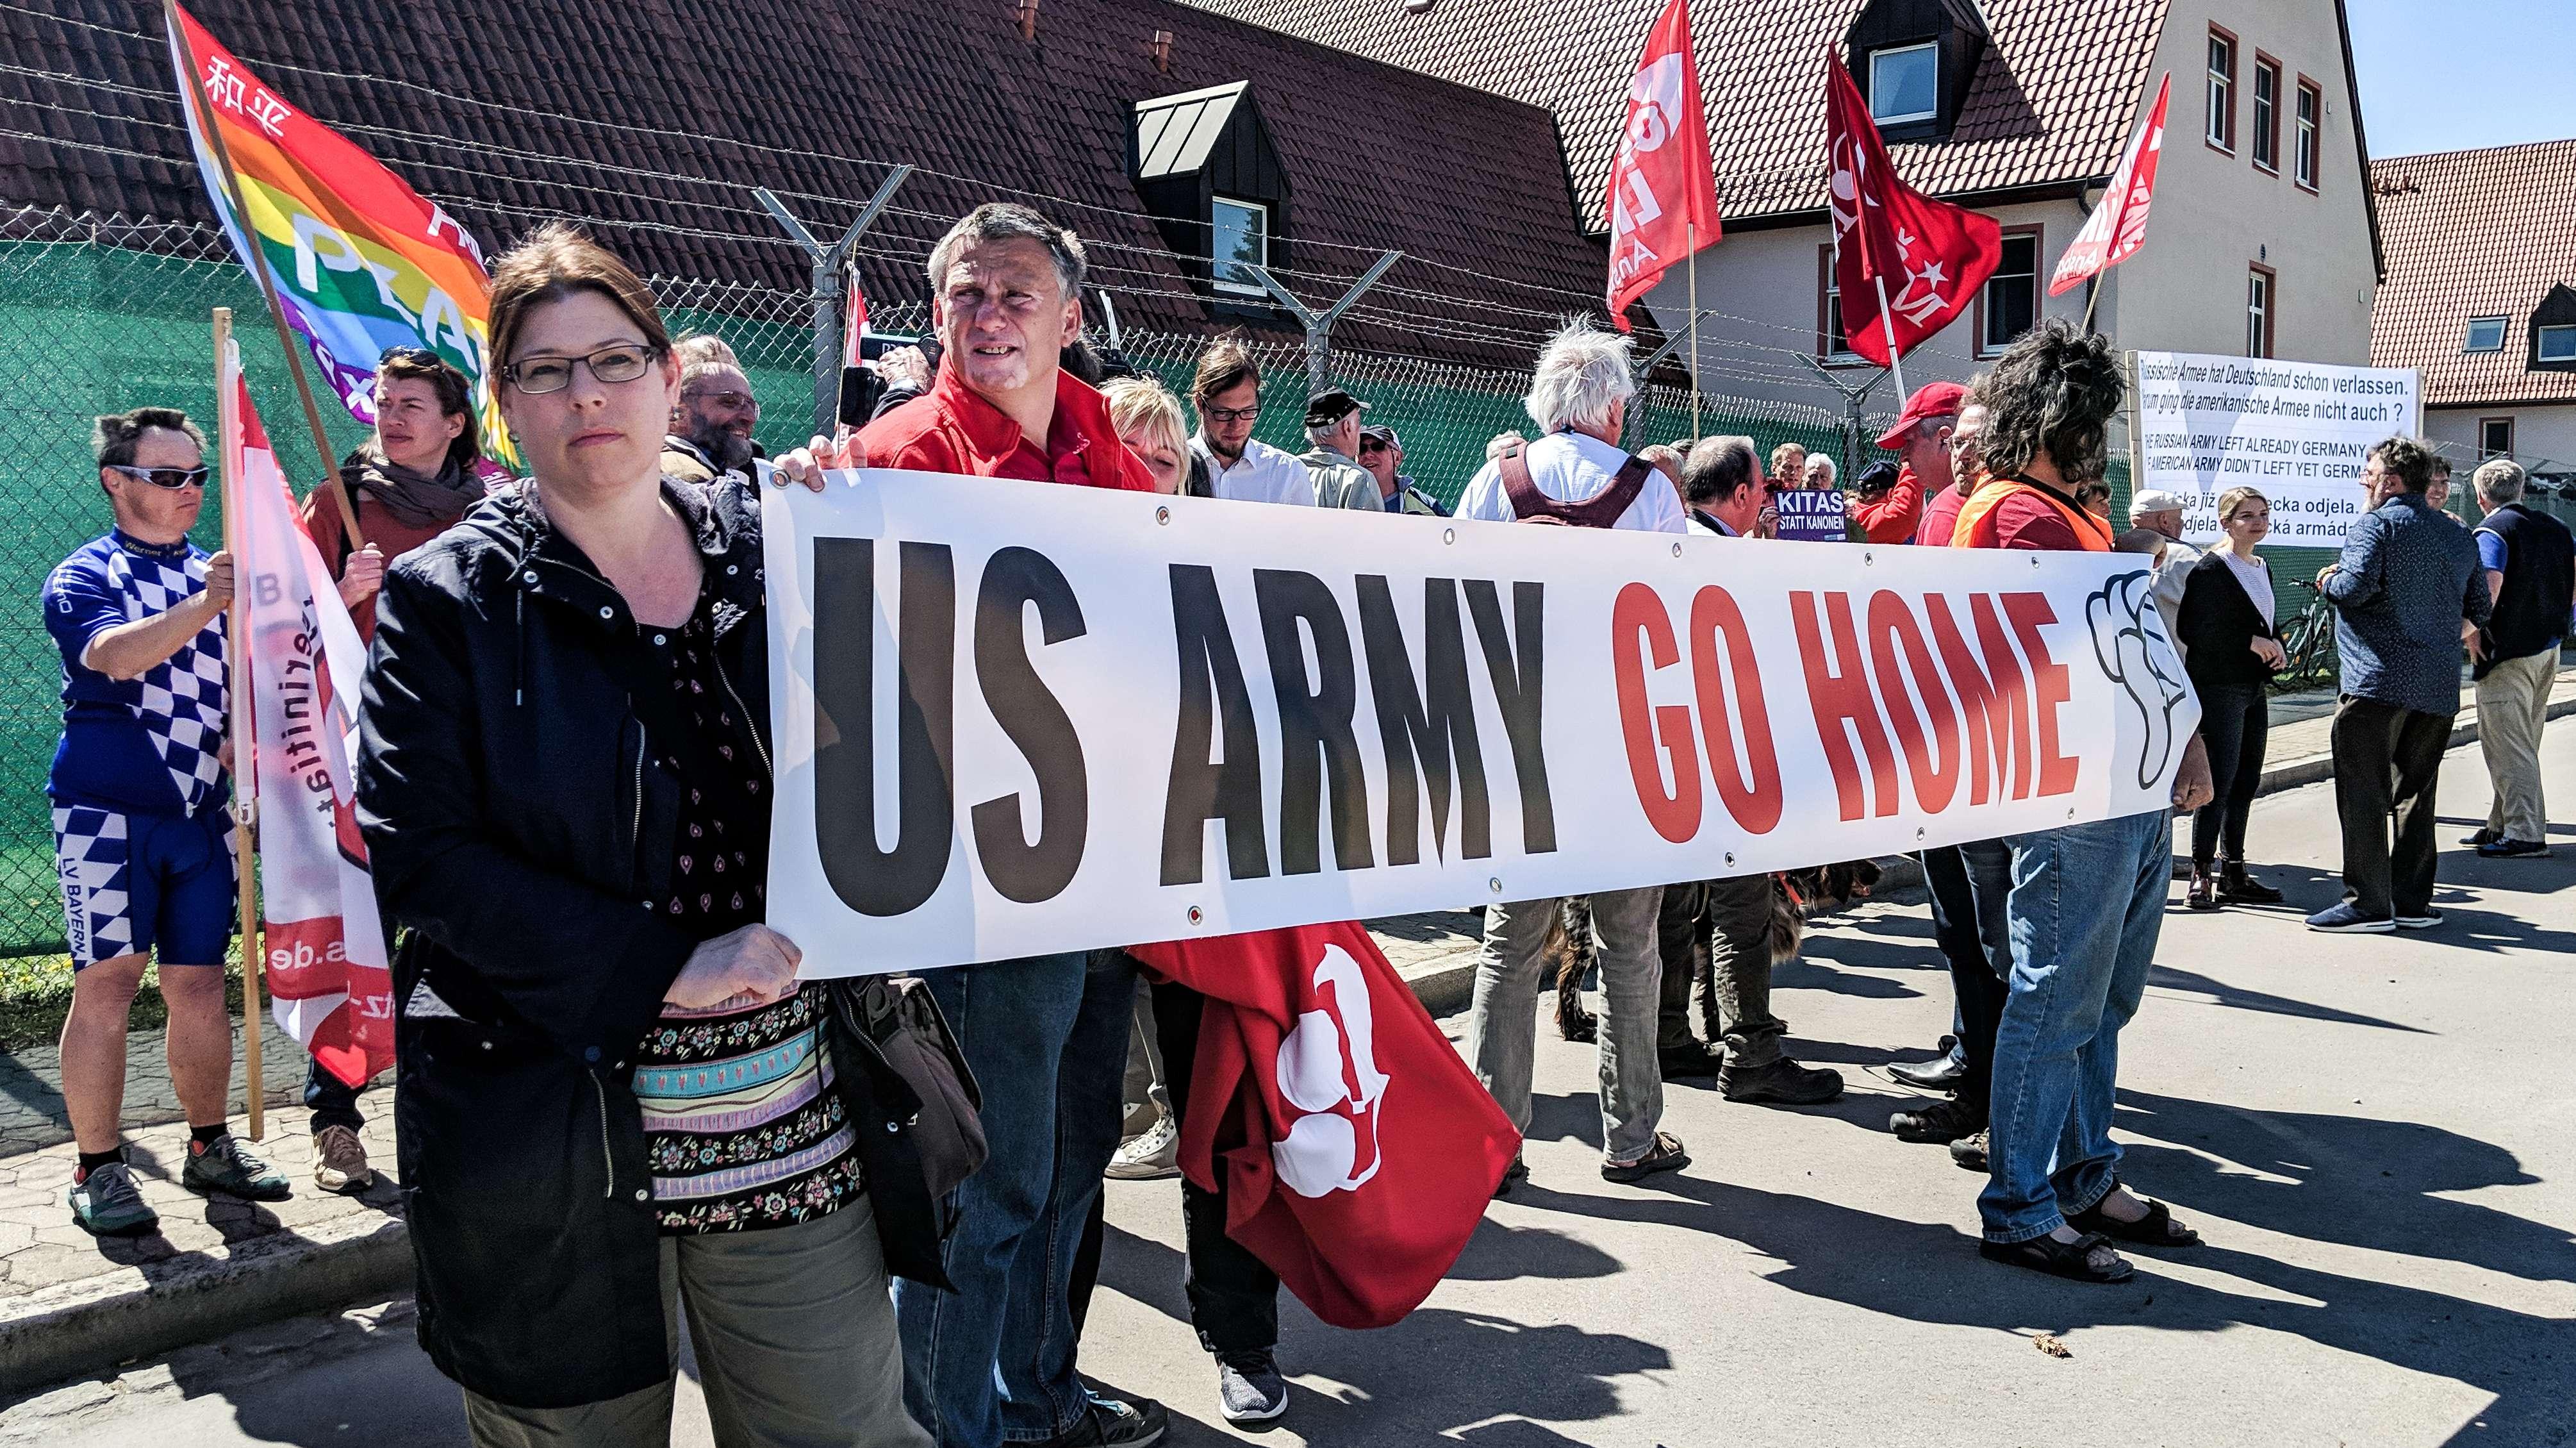 Teilnehmer des Ostermarsches vor der Kaserne der US Army in Ansbach-Katterbach